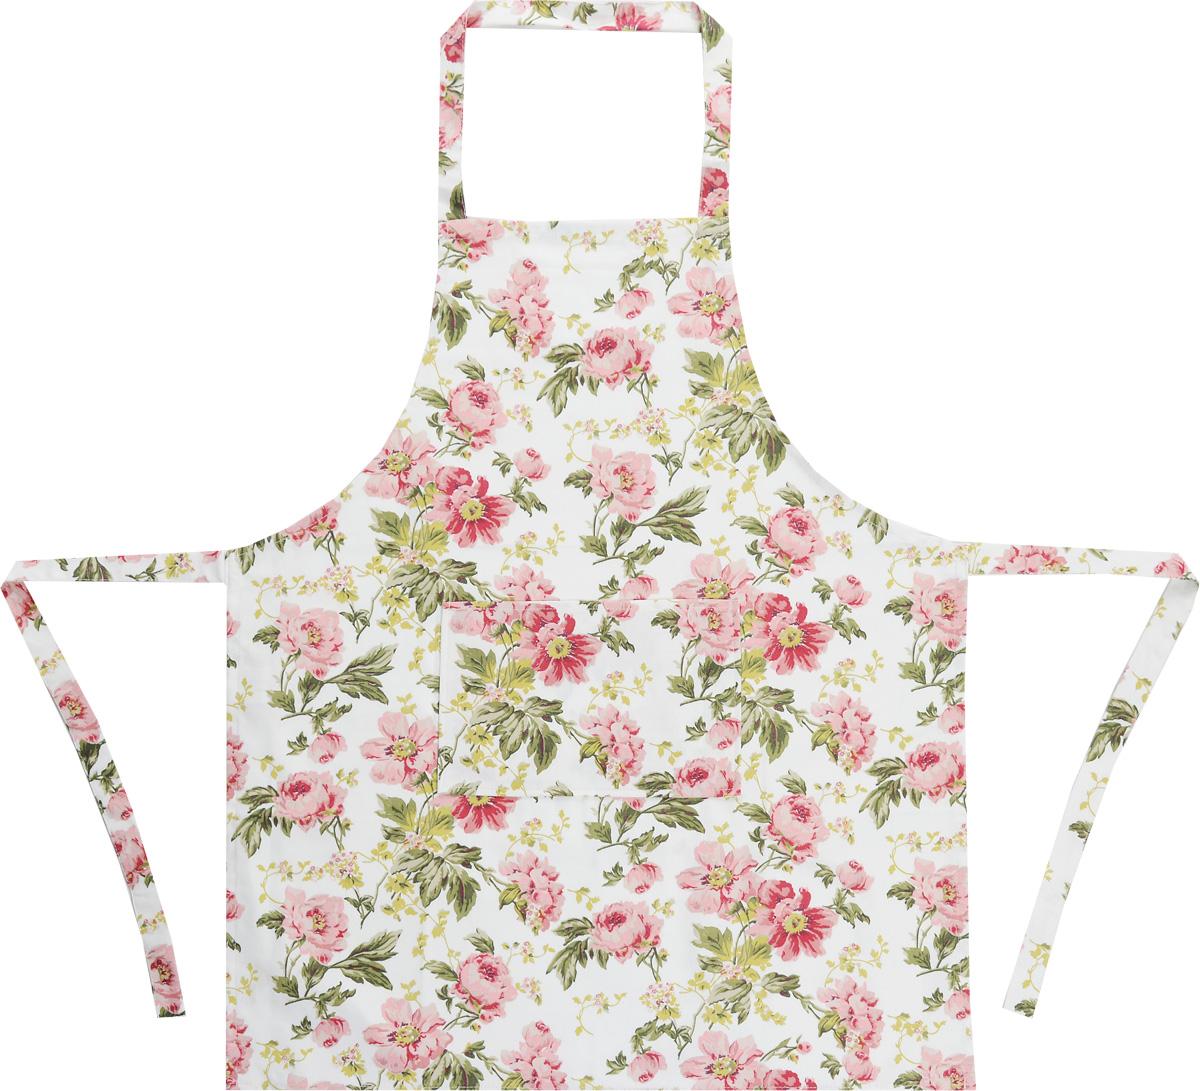 """Фартук Bonita """"Английская коллекция"""" изготовлен из натурального хлопка и оформлен красивым цветочным рисунком. Фартук оснащен завязками и открытым карманом для мелочей. Имеет универсальный размер.  Такой фартук поможет вам избежать попадания еды на одежду во время приготовления пищи.  Кухня - это сердце дома, где вся семья собирается вместе. Она бережно хранит и поддерживает жизнь домашнего очага, который нас согревает. Именно поэтому так важно создать здесь атмосферу, которая не только возбудит аппетит, но и наполнит жизненной энергией.  С текстилем """"Bonita"""" открывается возможность не только каждый день дарить кухне новый облик, но и создавать настоящие кулинарные шедевры. """"Bonita"""" станет незаменимым помощником и идейным вдохновителем, создающим вкусное настроение на вашей кухне."""